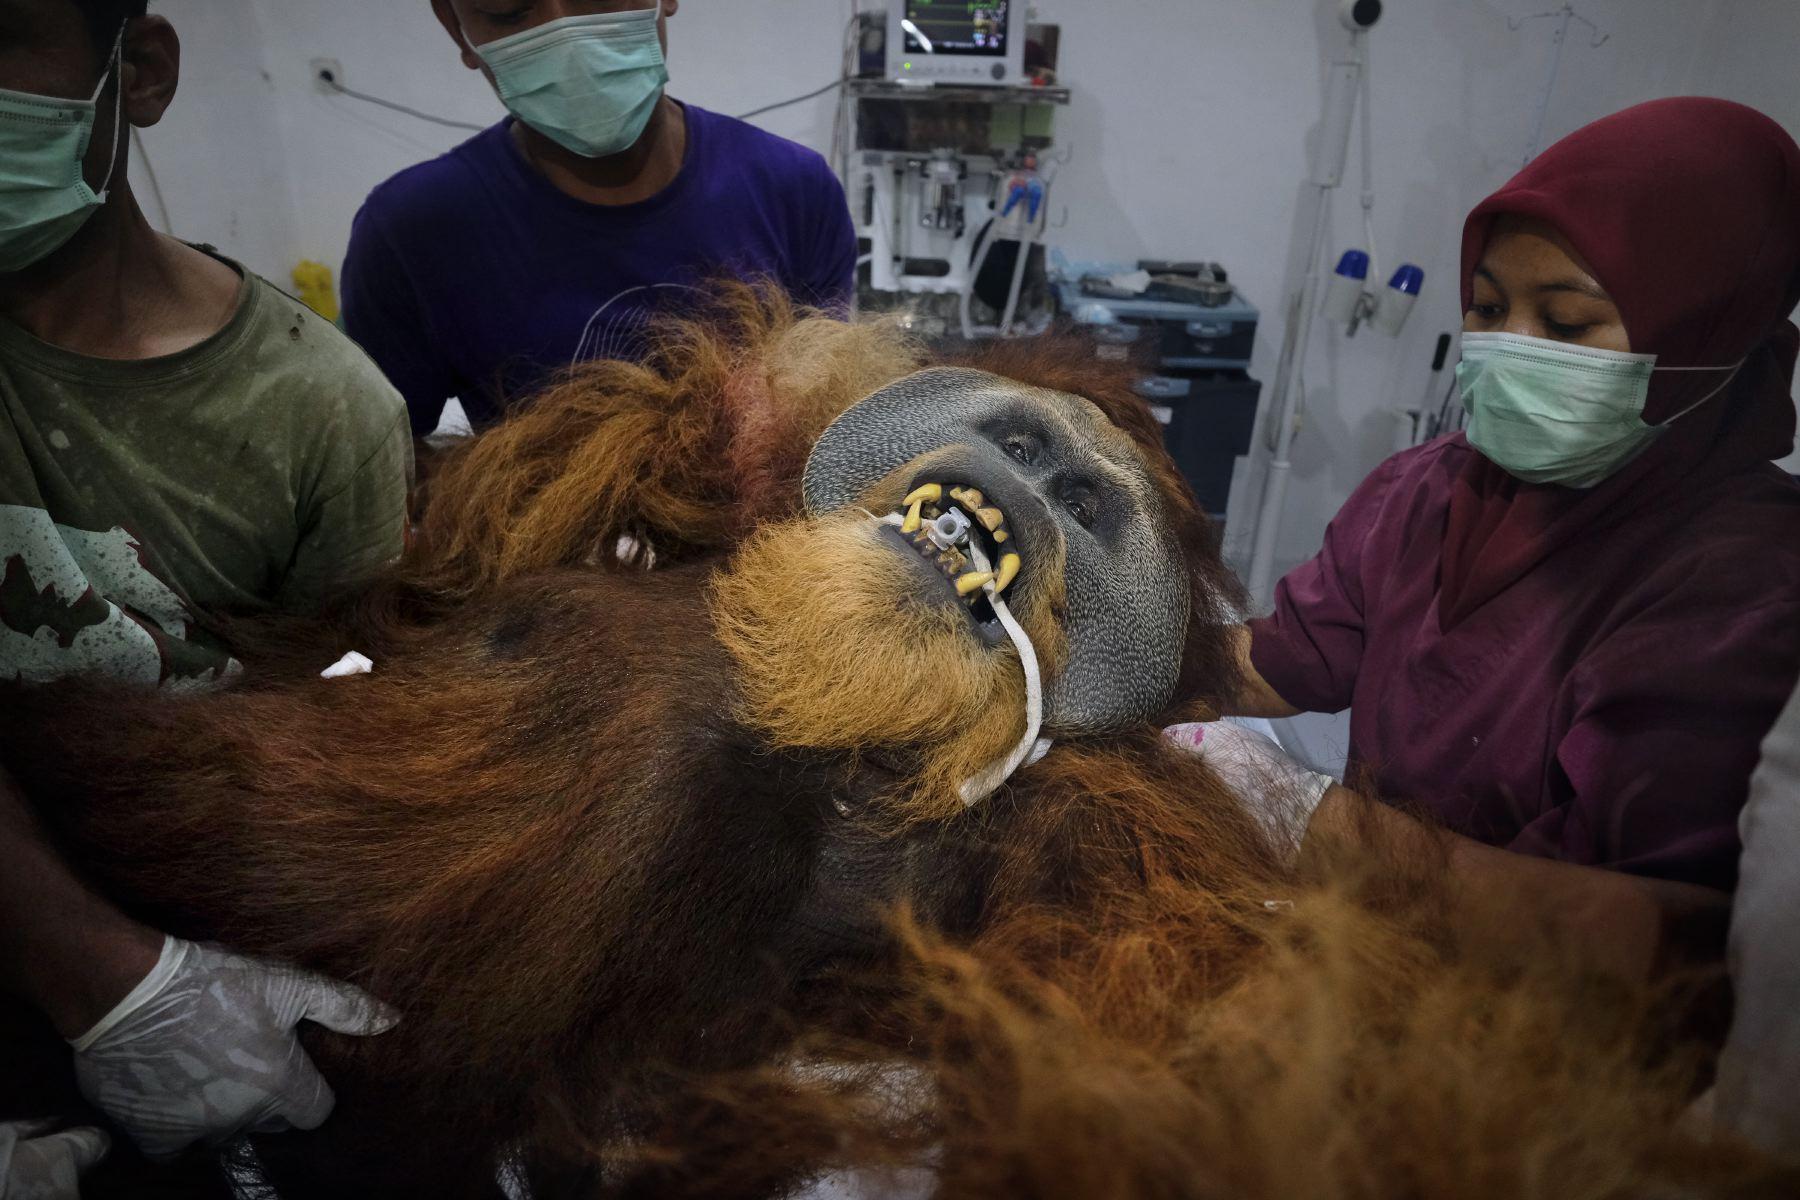 Alain_Schroeder_Saving_Orangutans_02.JPG